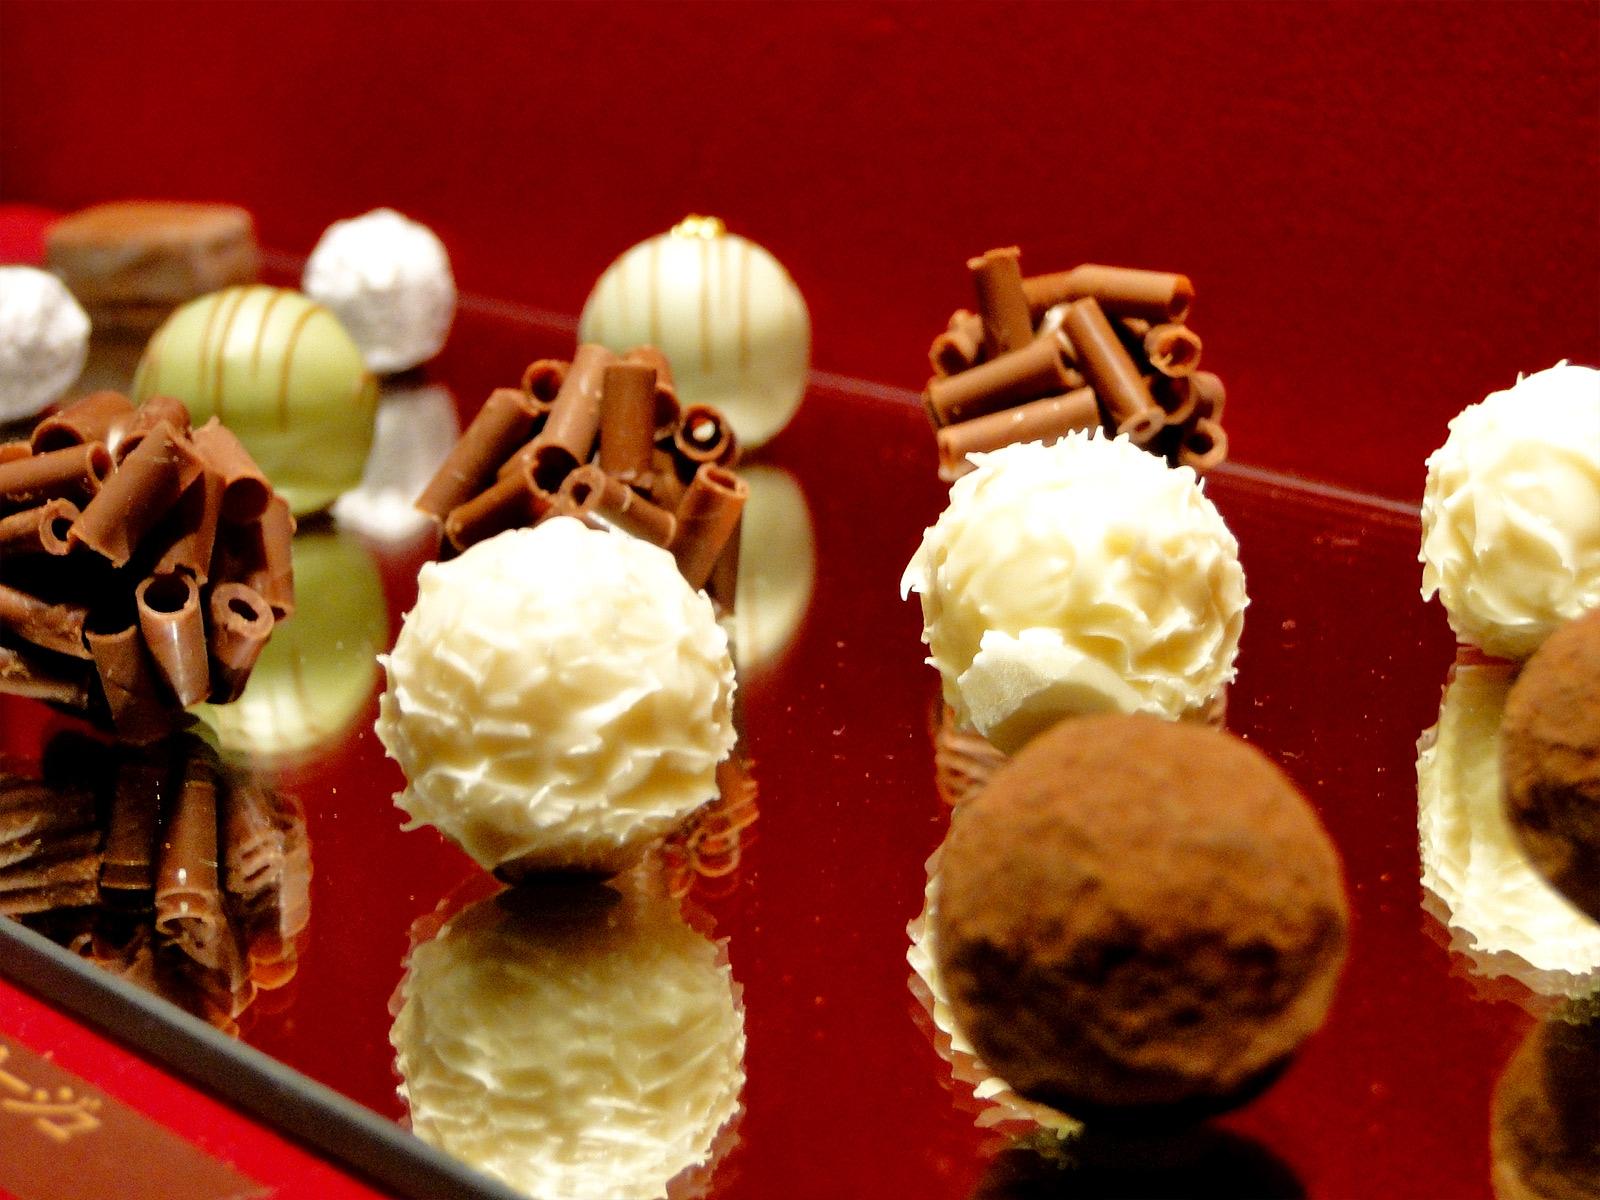 4f5c1bd5e621 ゴディバやダロワイヨなど、バレンタインギフトで贈ると喜ばれる高級ブランドチョコの紹介 │ バレンタインギフト